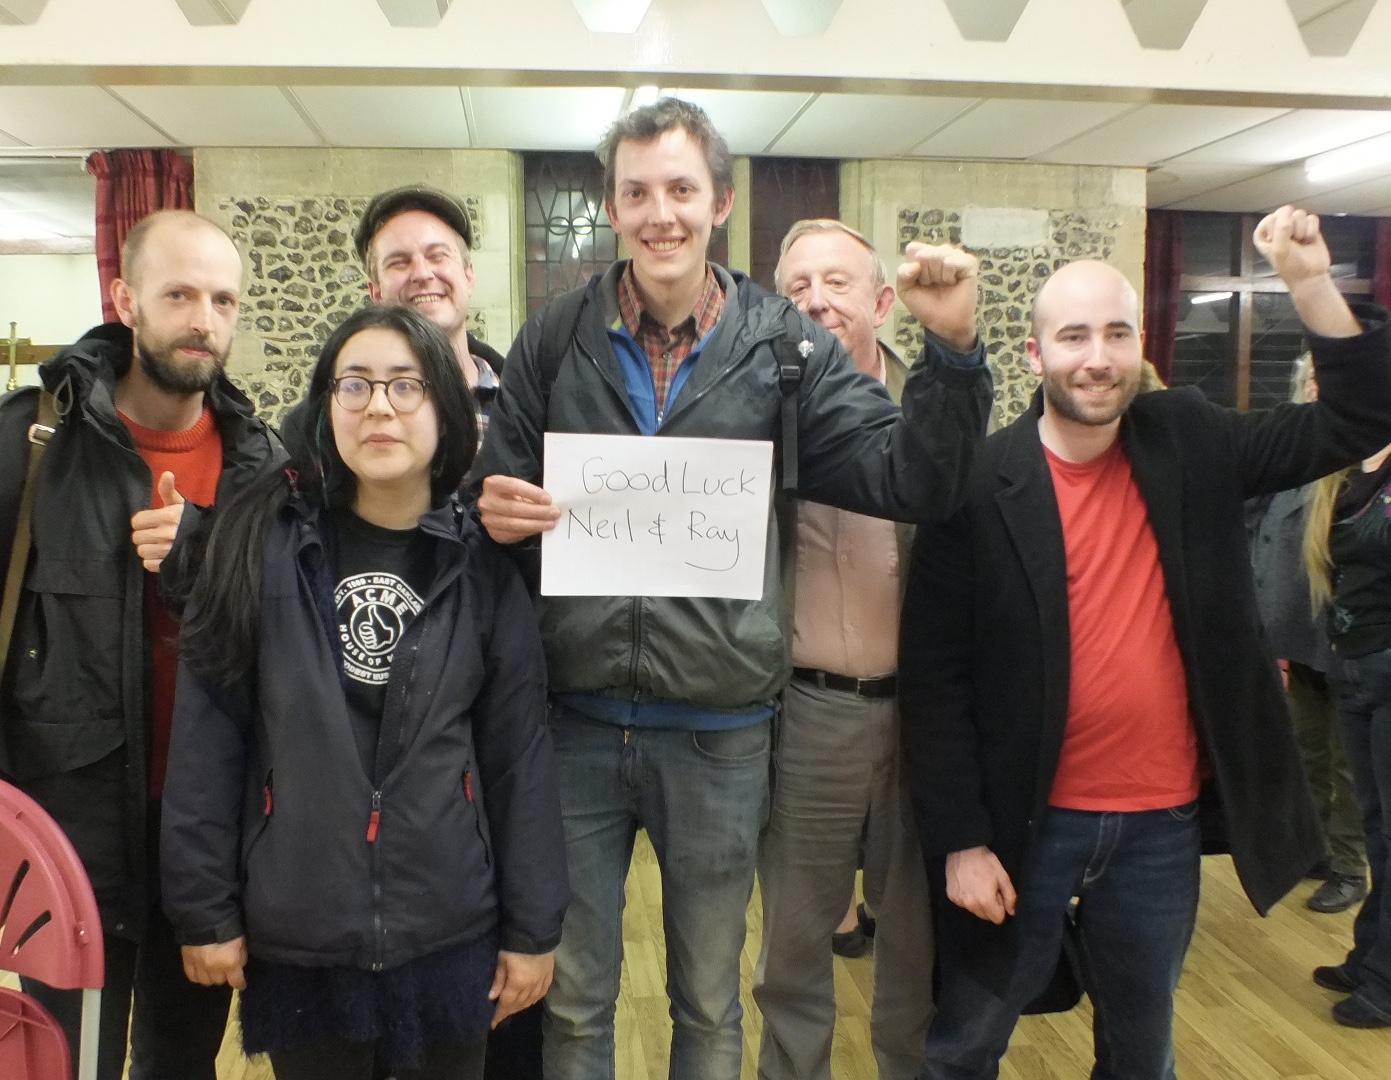 Solidarity!